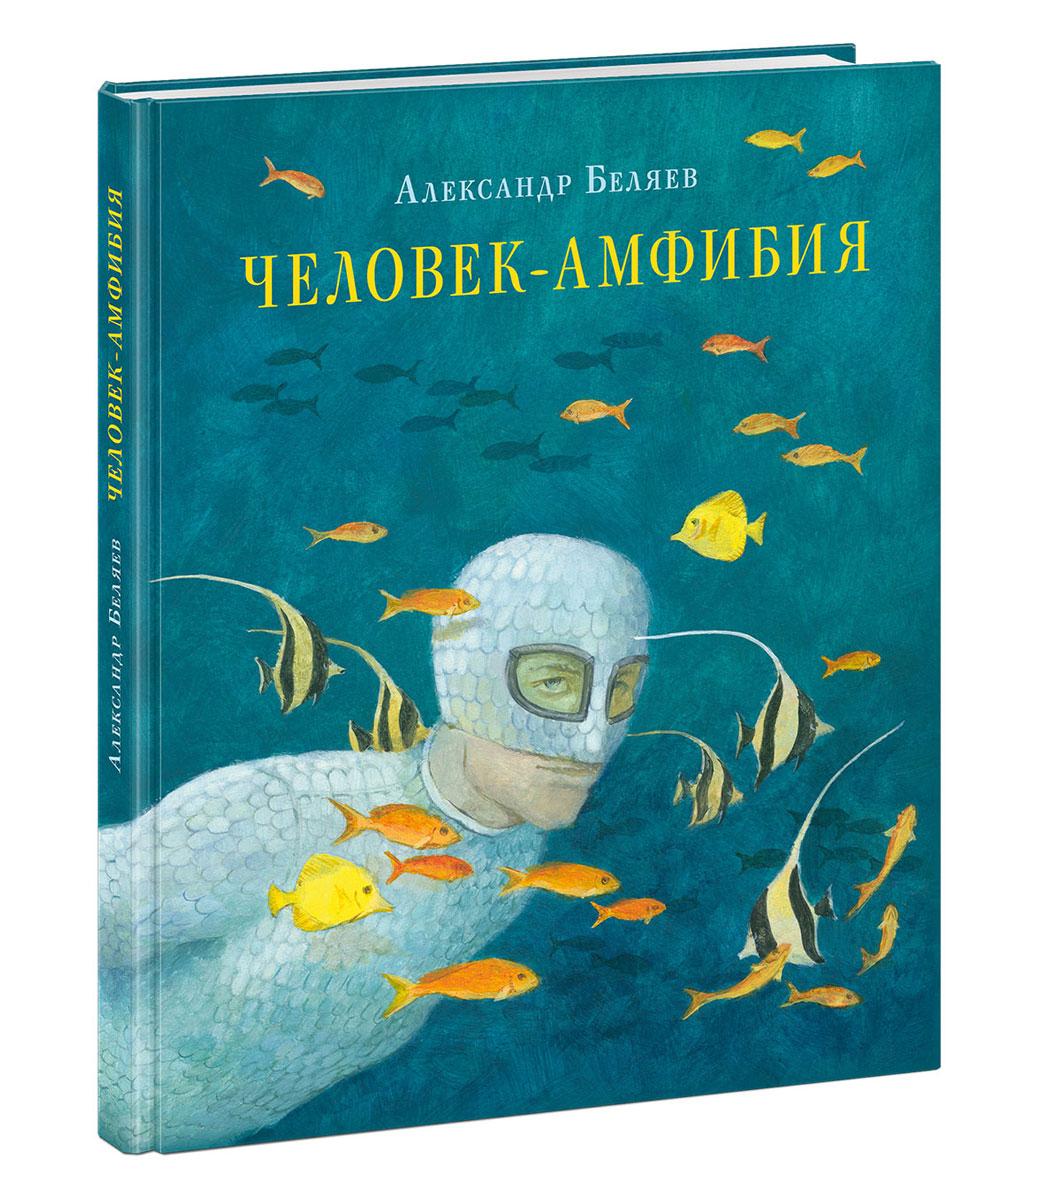 А. Беляев Человек-амфибия климай а ихтиандр